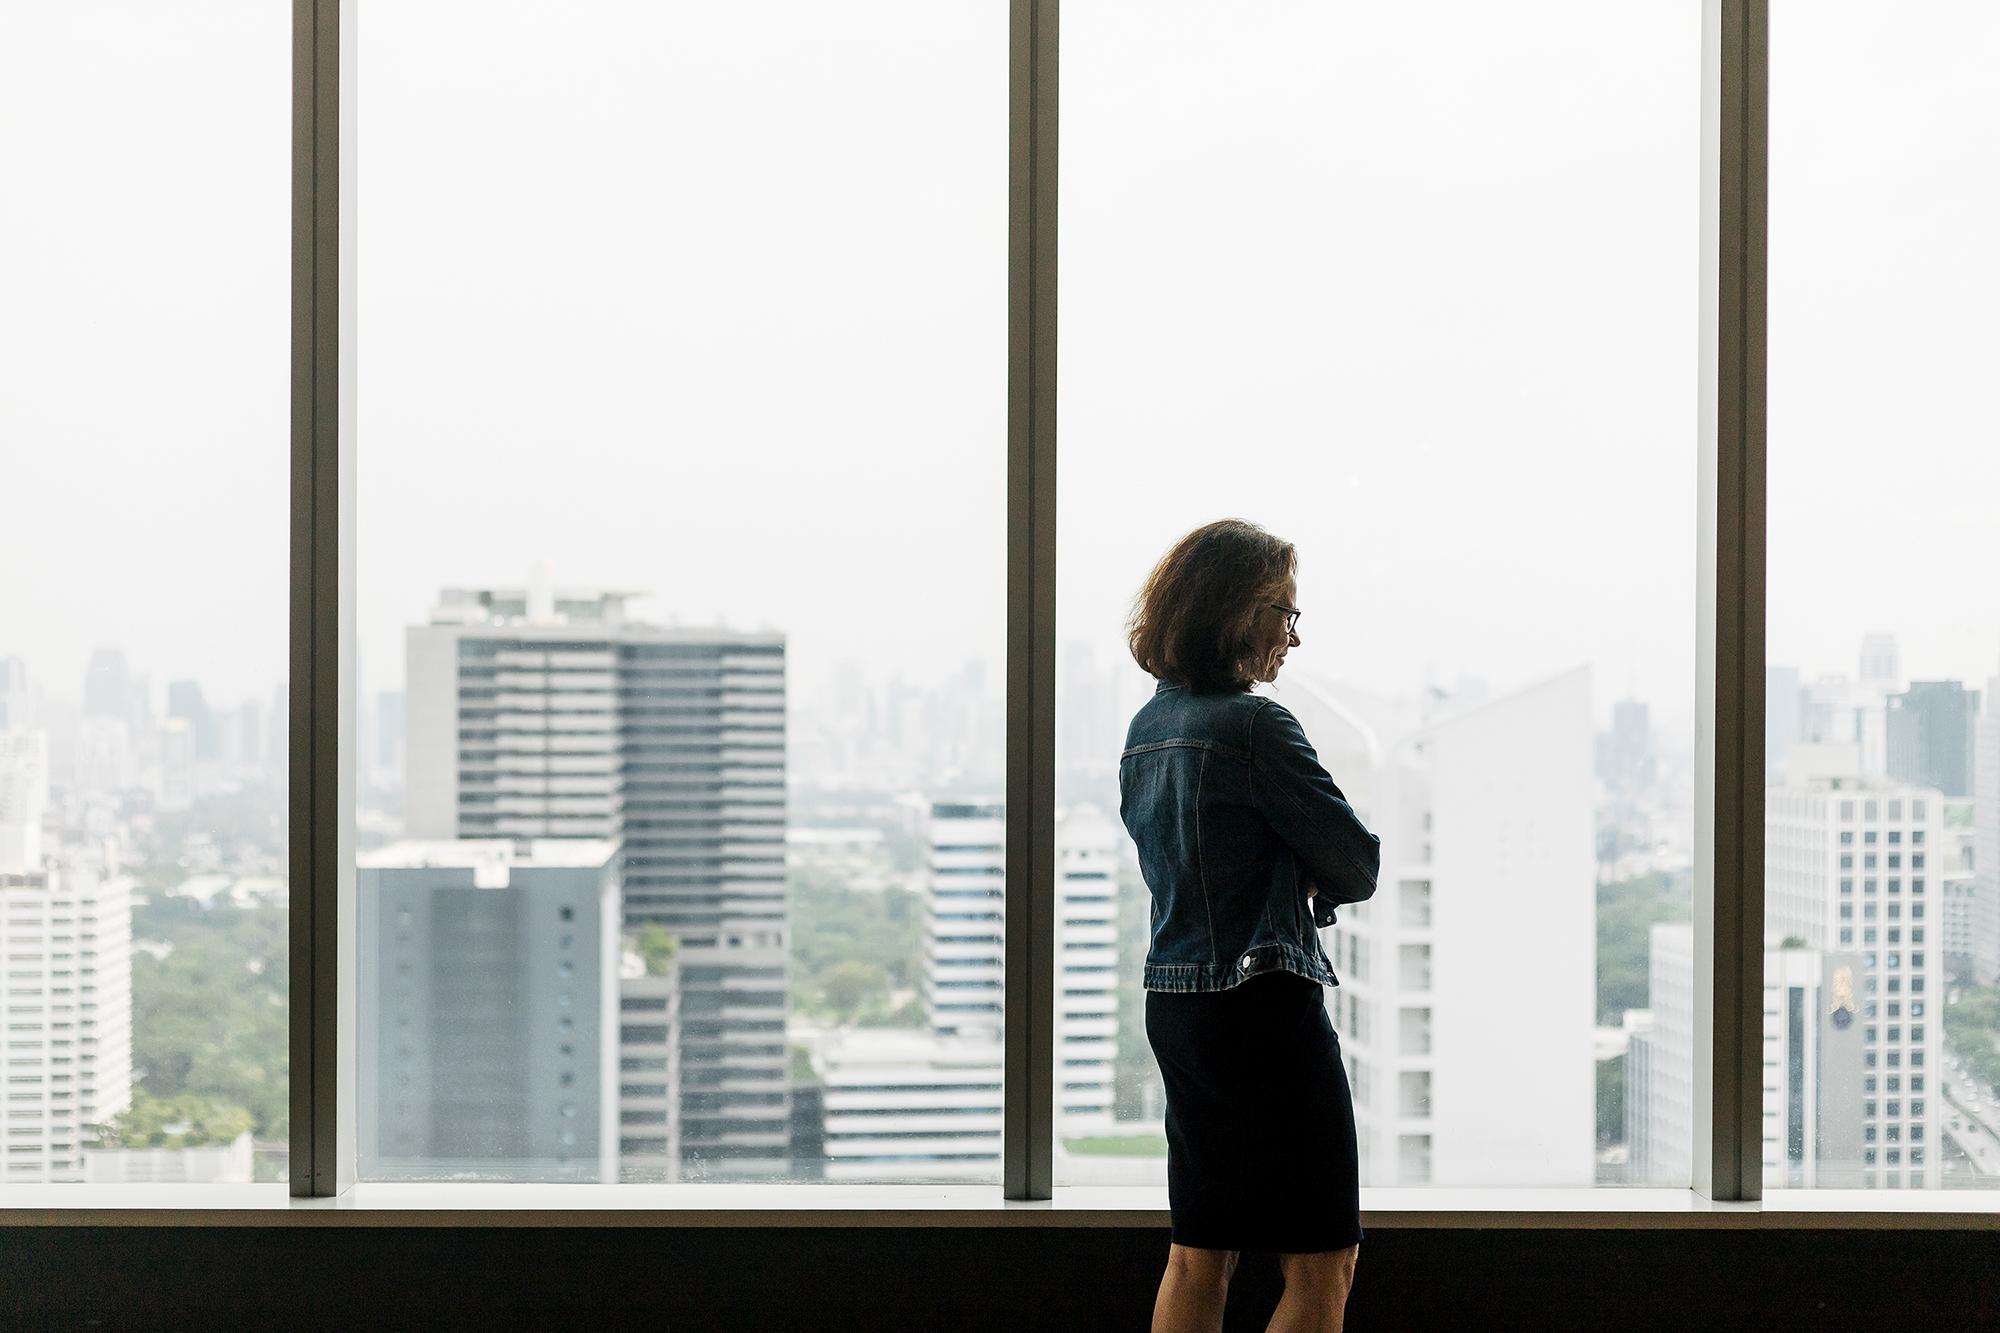 มอง อเล็กซานดรา ไรช์ อย่างที่เธอเป็น CEO ที่ฝันว่าสักวัน dtac จะไม่ต้องมี CEO